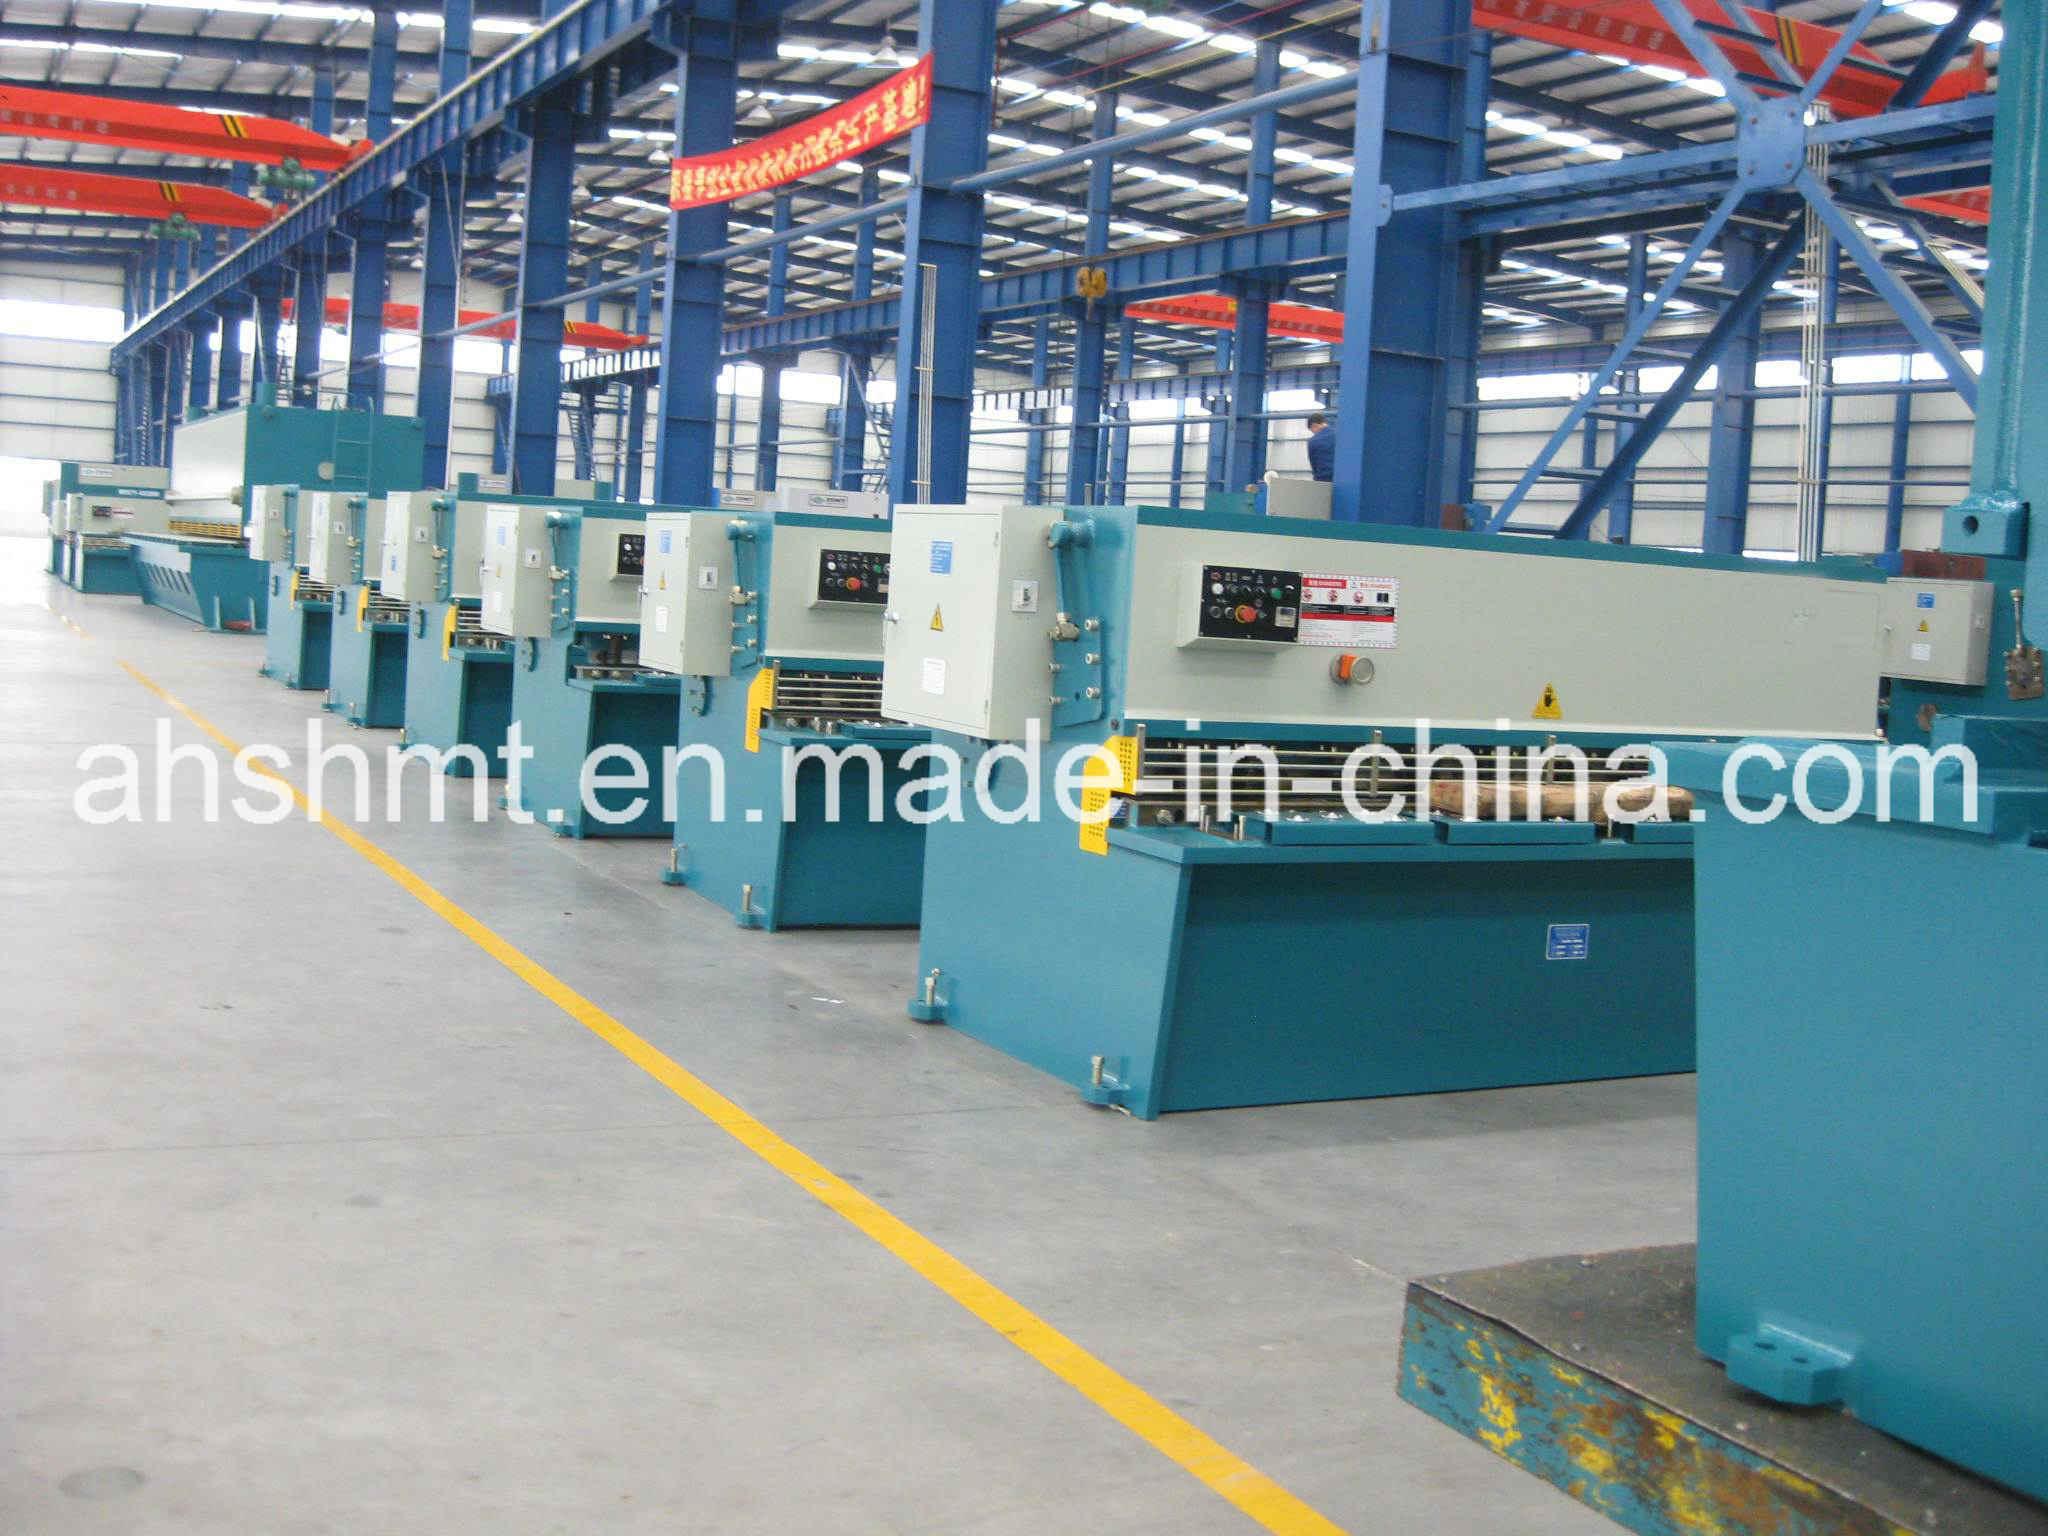 QC12y-10*3200mm Hydraulic Swing Beam Shearing Machine/Hydraulic Plate Cutting Machine/Shearing Machine